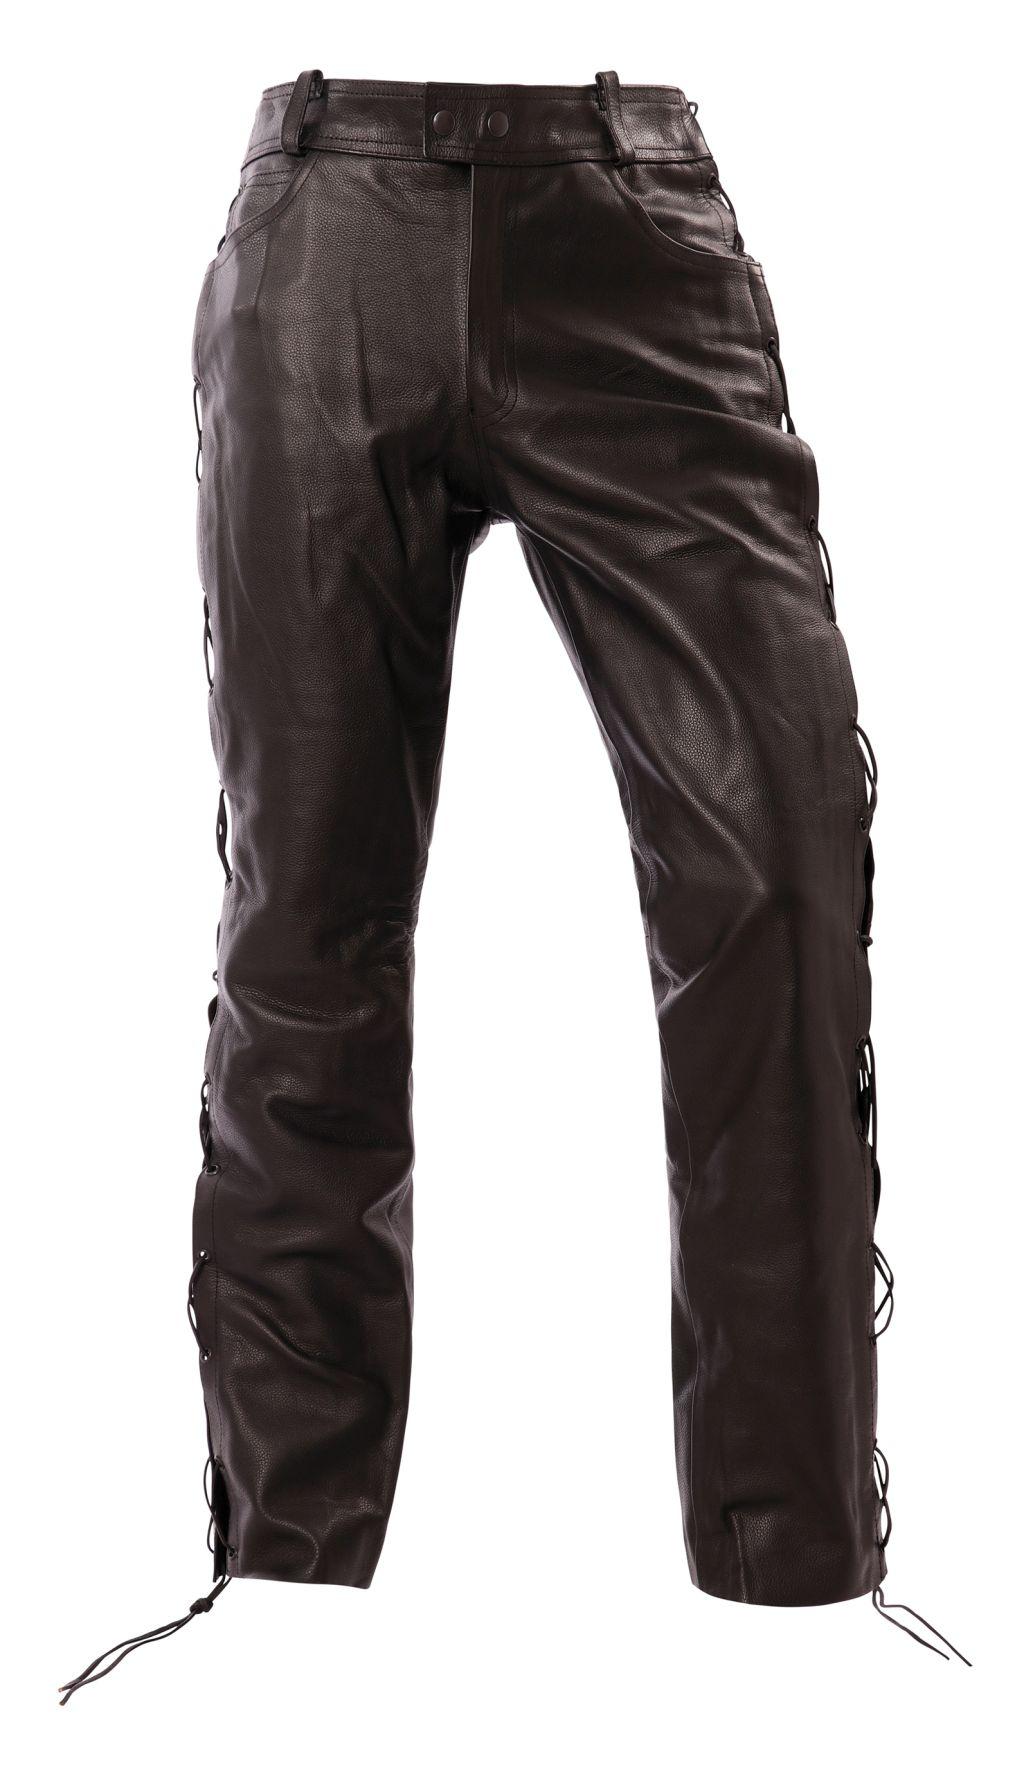 Motorrad Schnürjeans Leder Jeans Biker Hose Schwarz 36 - 46